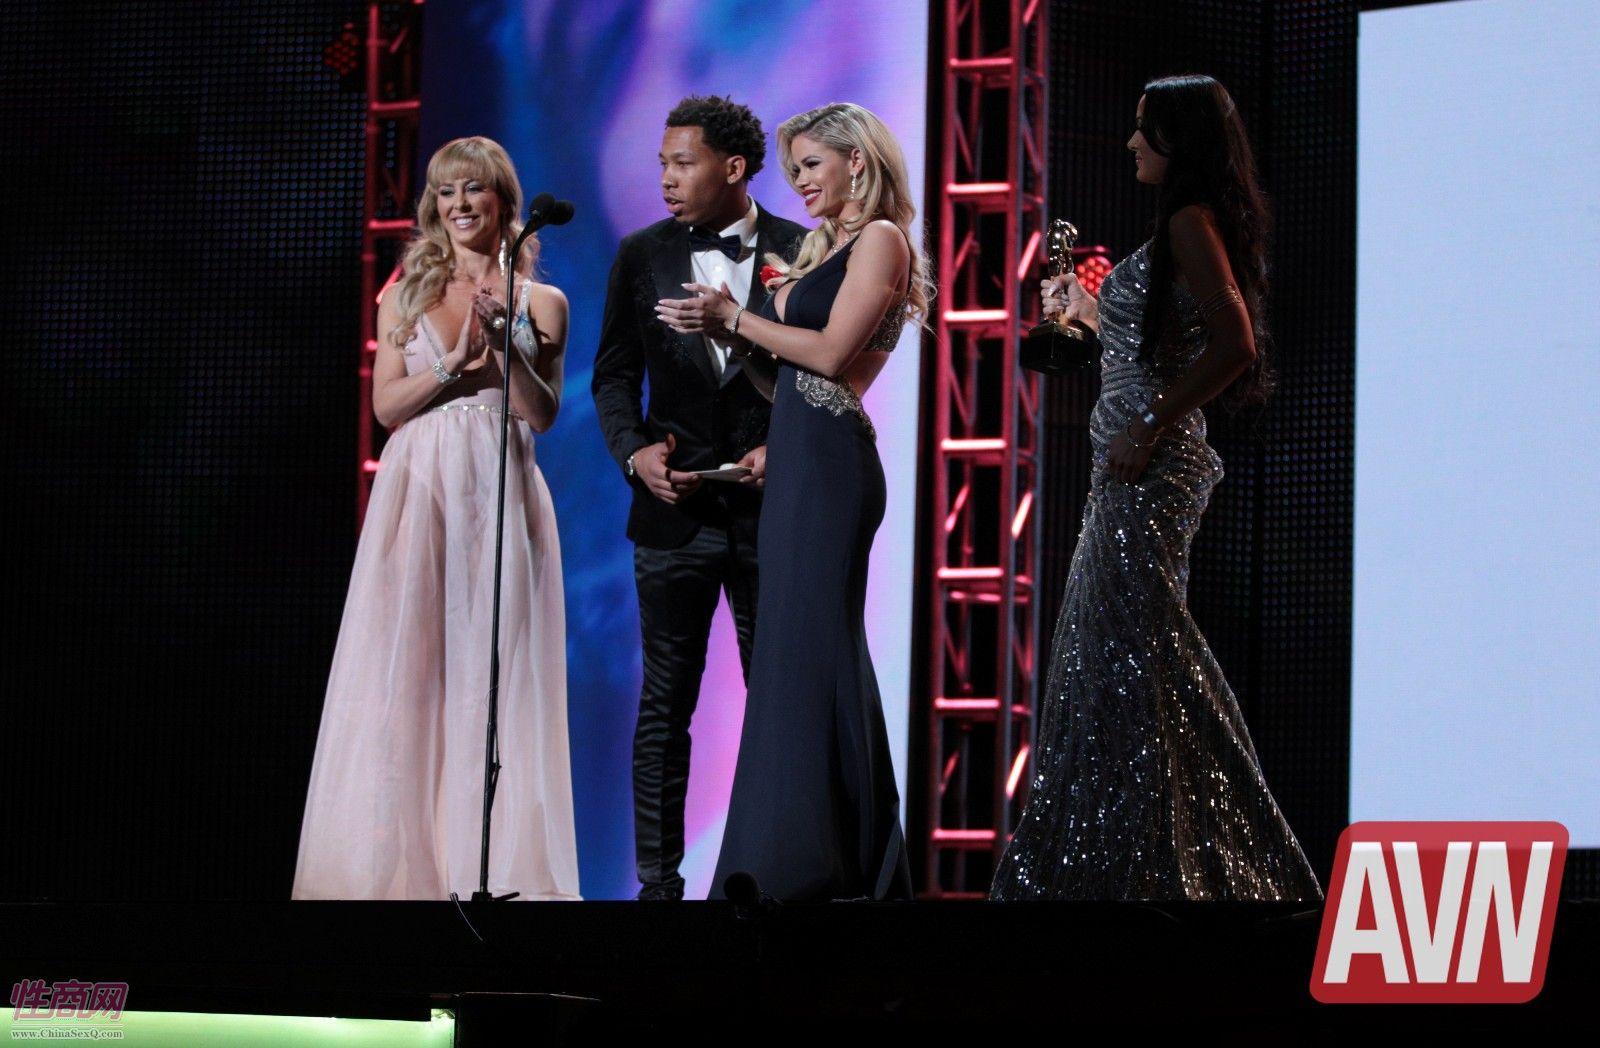 18拉斯维加斯成人展AVN:颁奖典礼 (53)